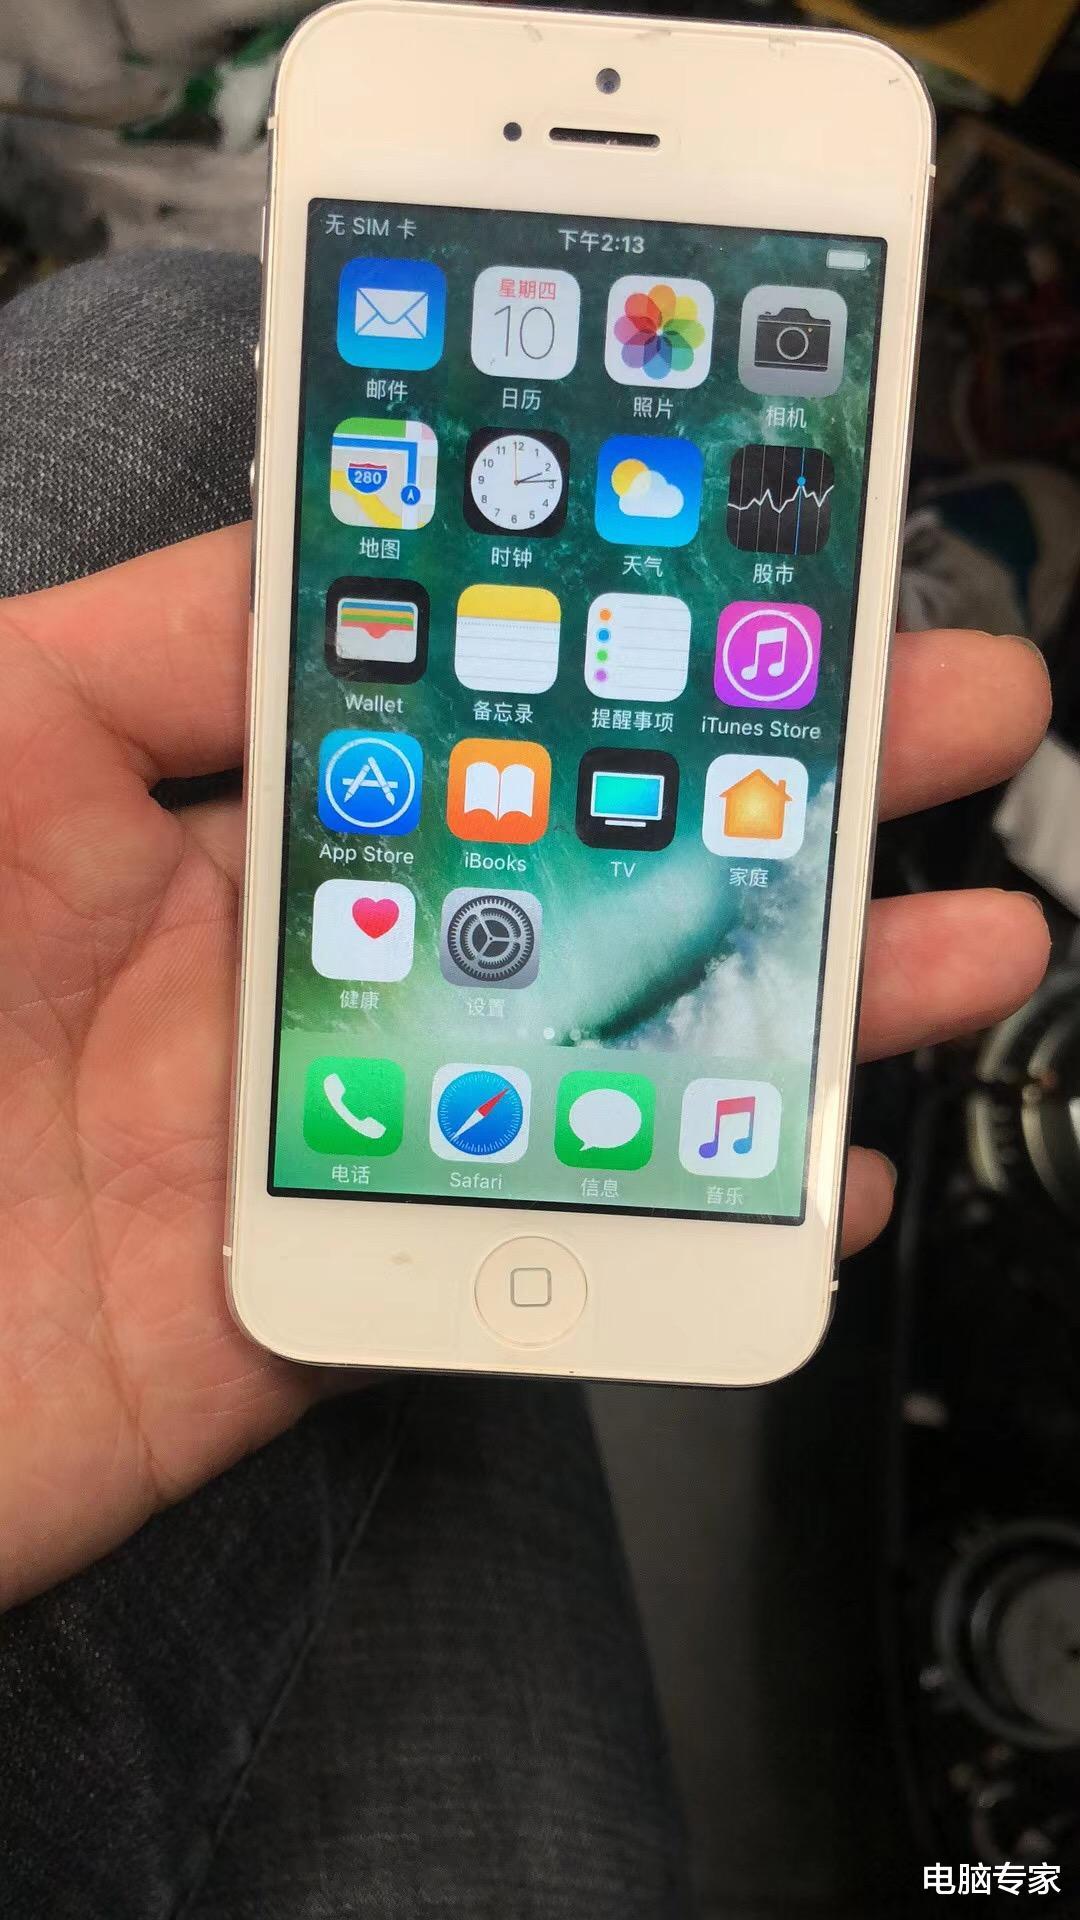 我把iPhone6代手机升级到最新IOS14操作系统能否使手 数码科技 第1张